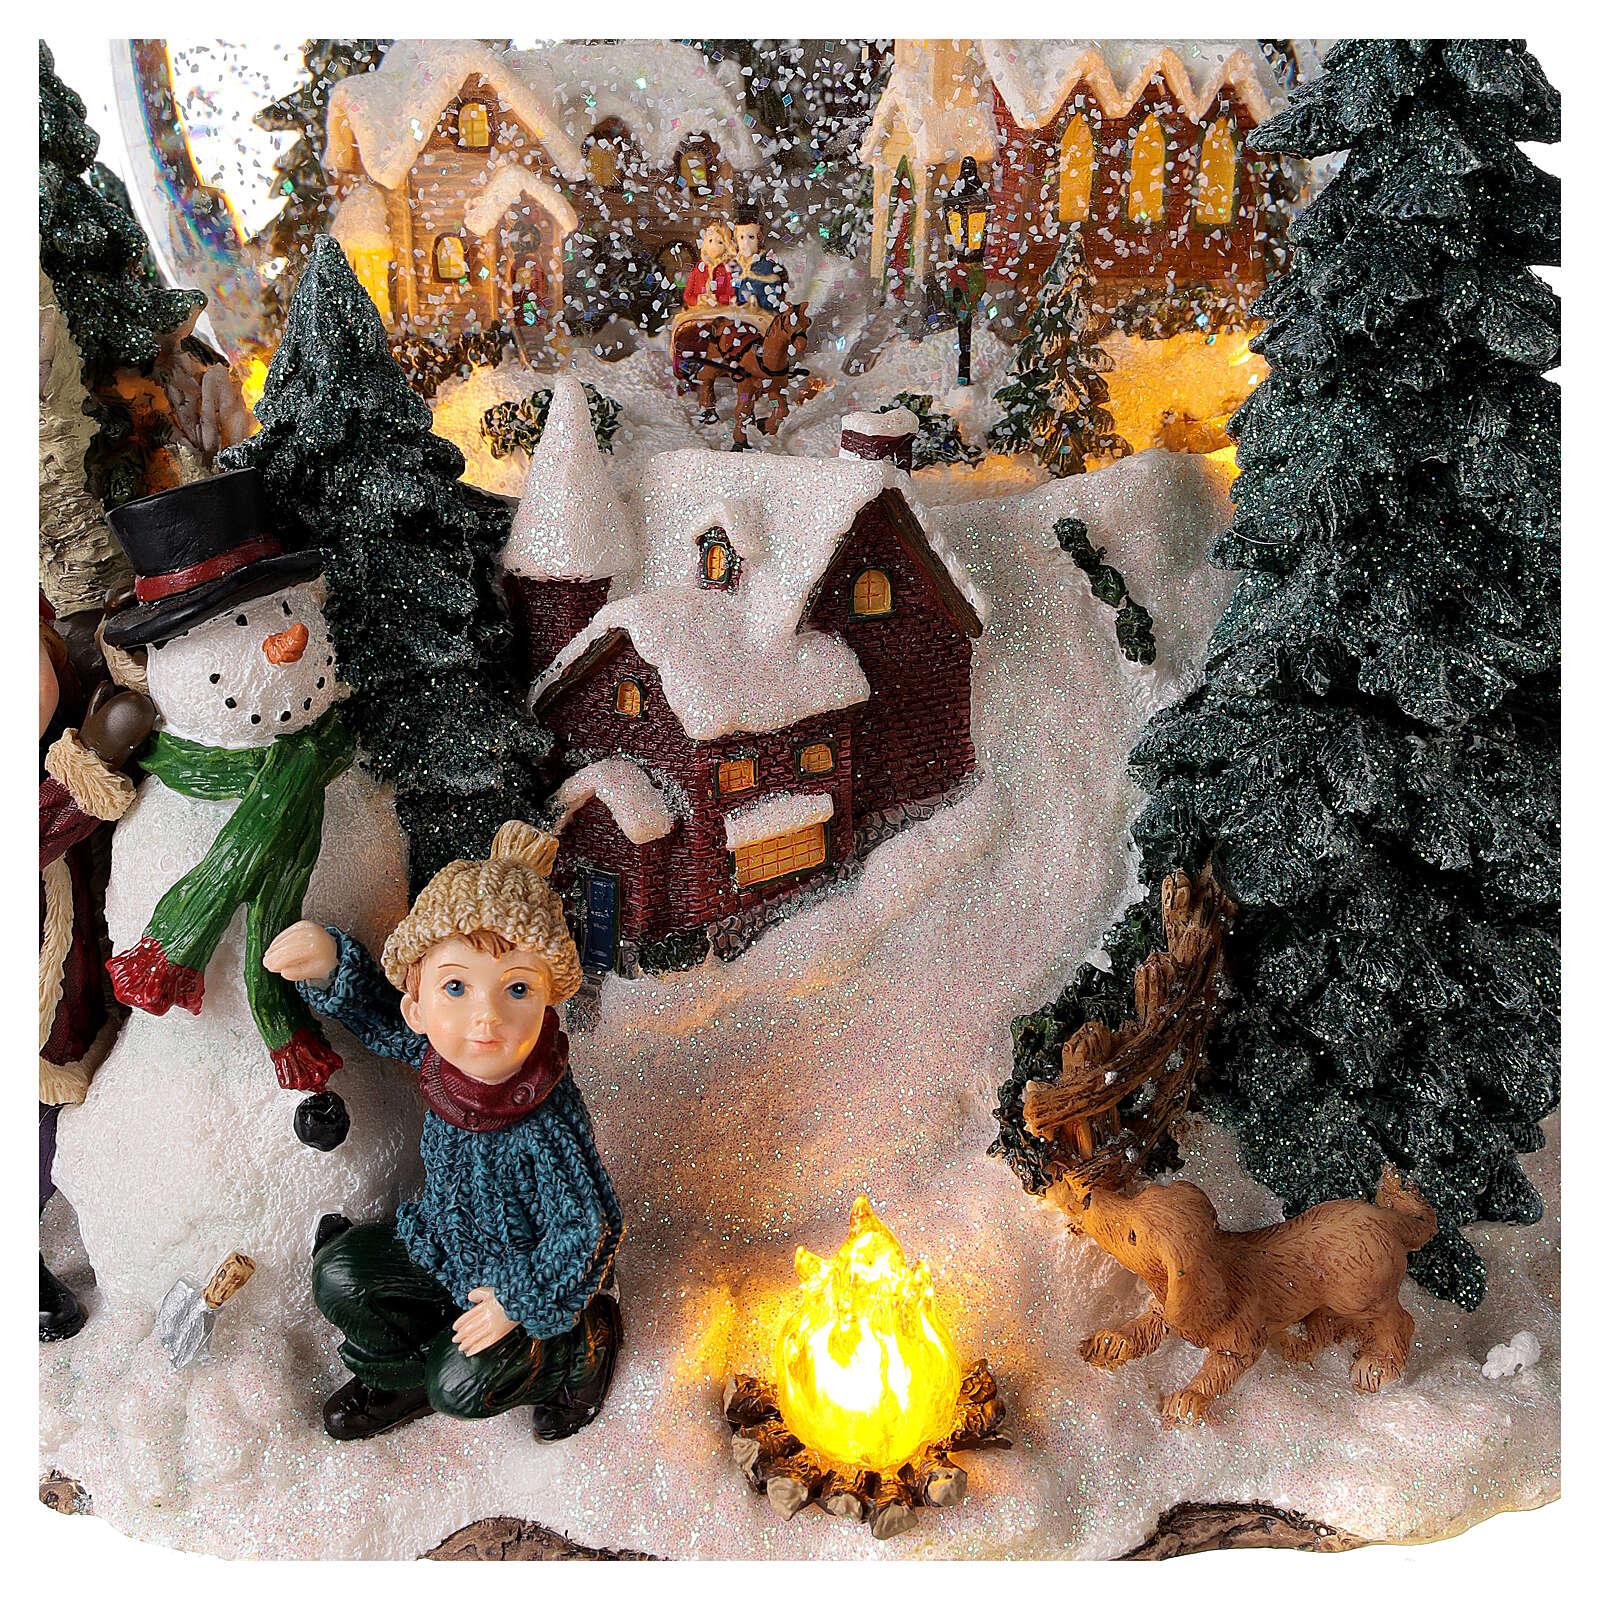 Boule à neige paysage hivernal boîte musicale lumières 25x20x25 cm 3